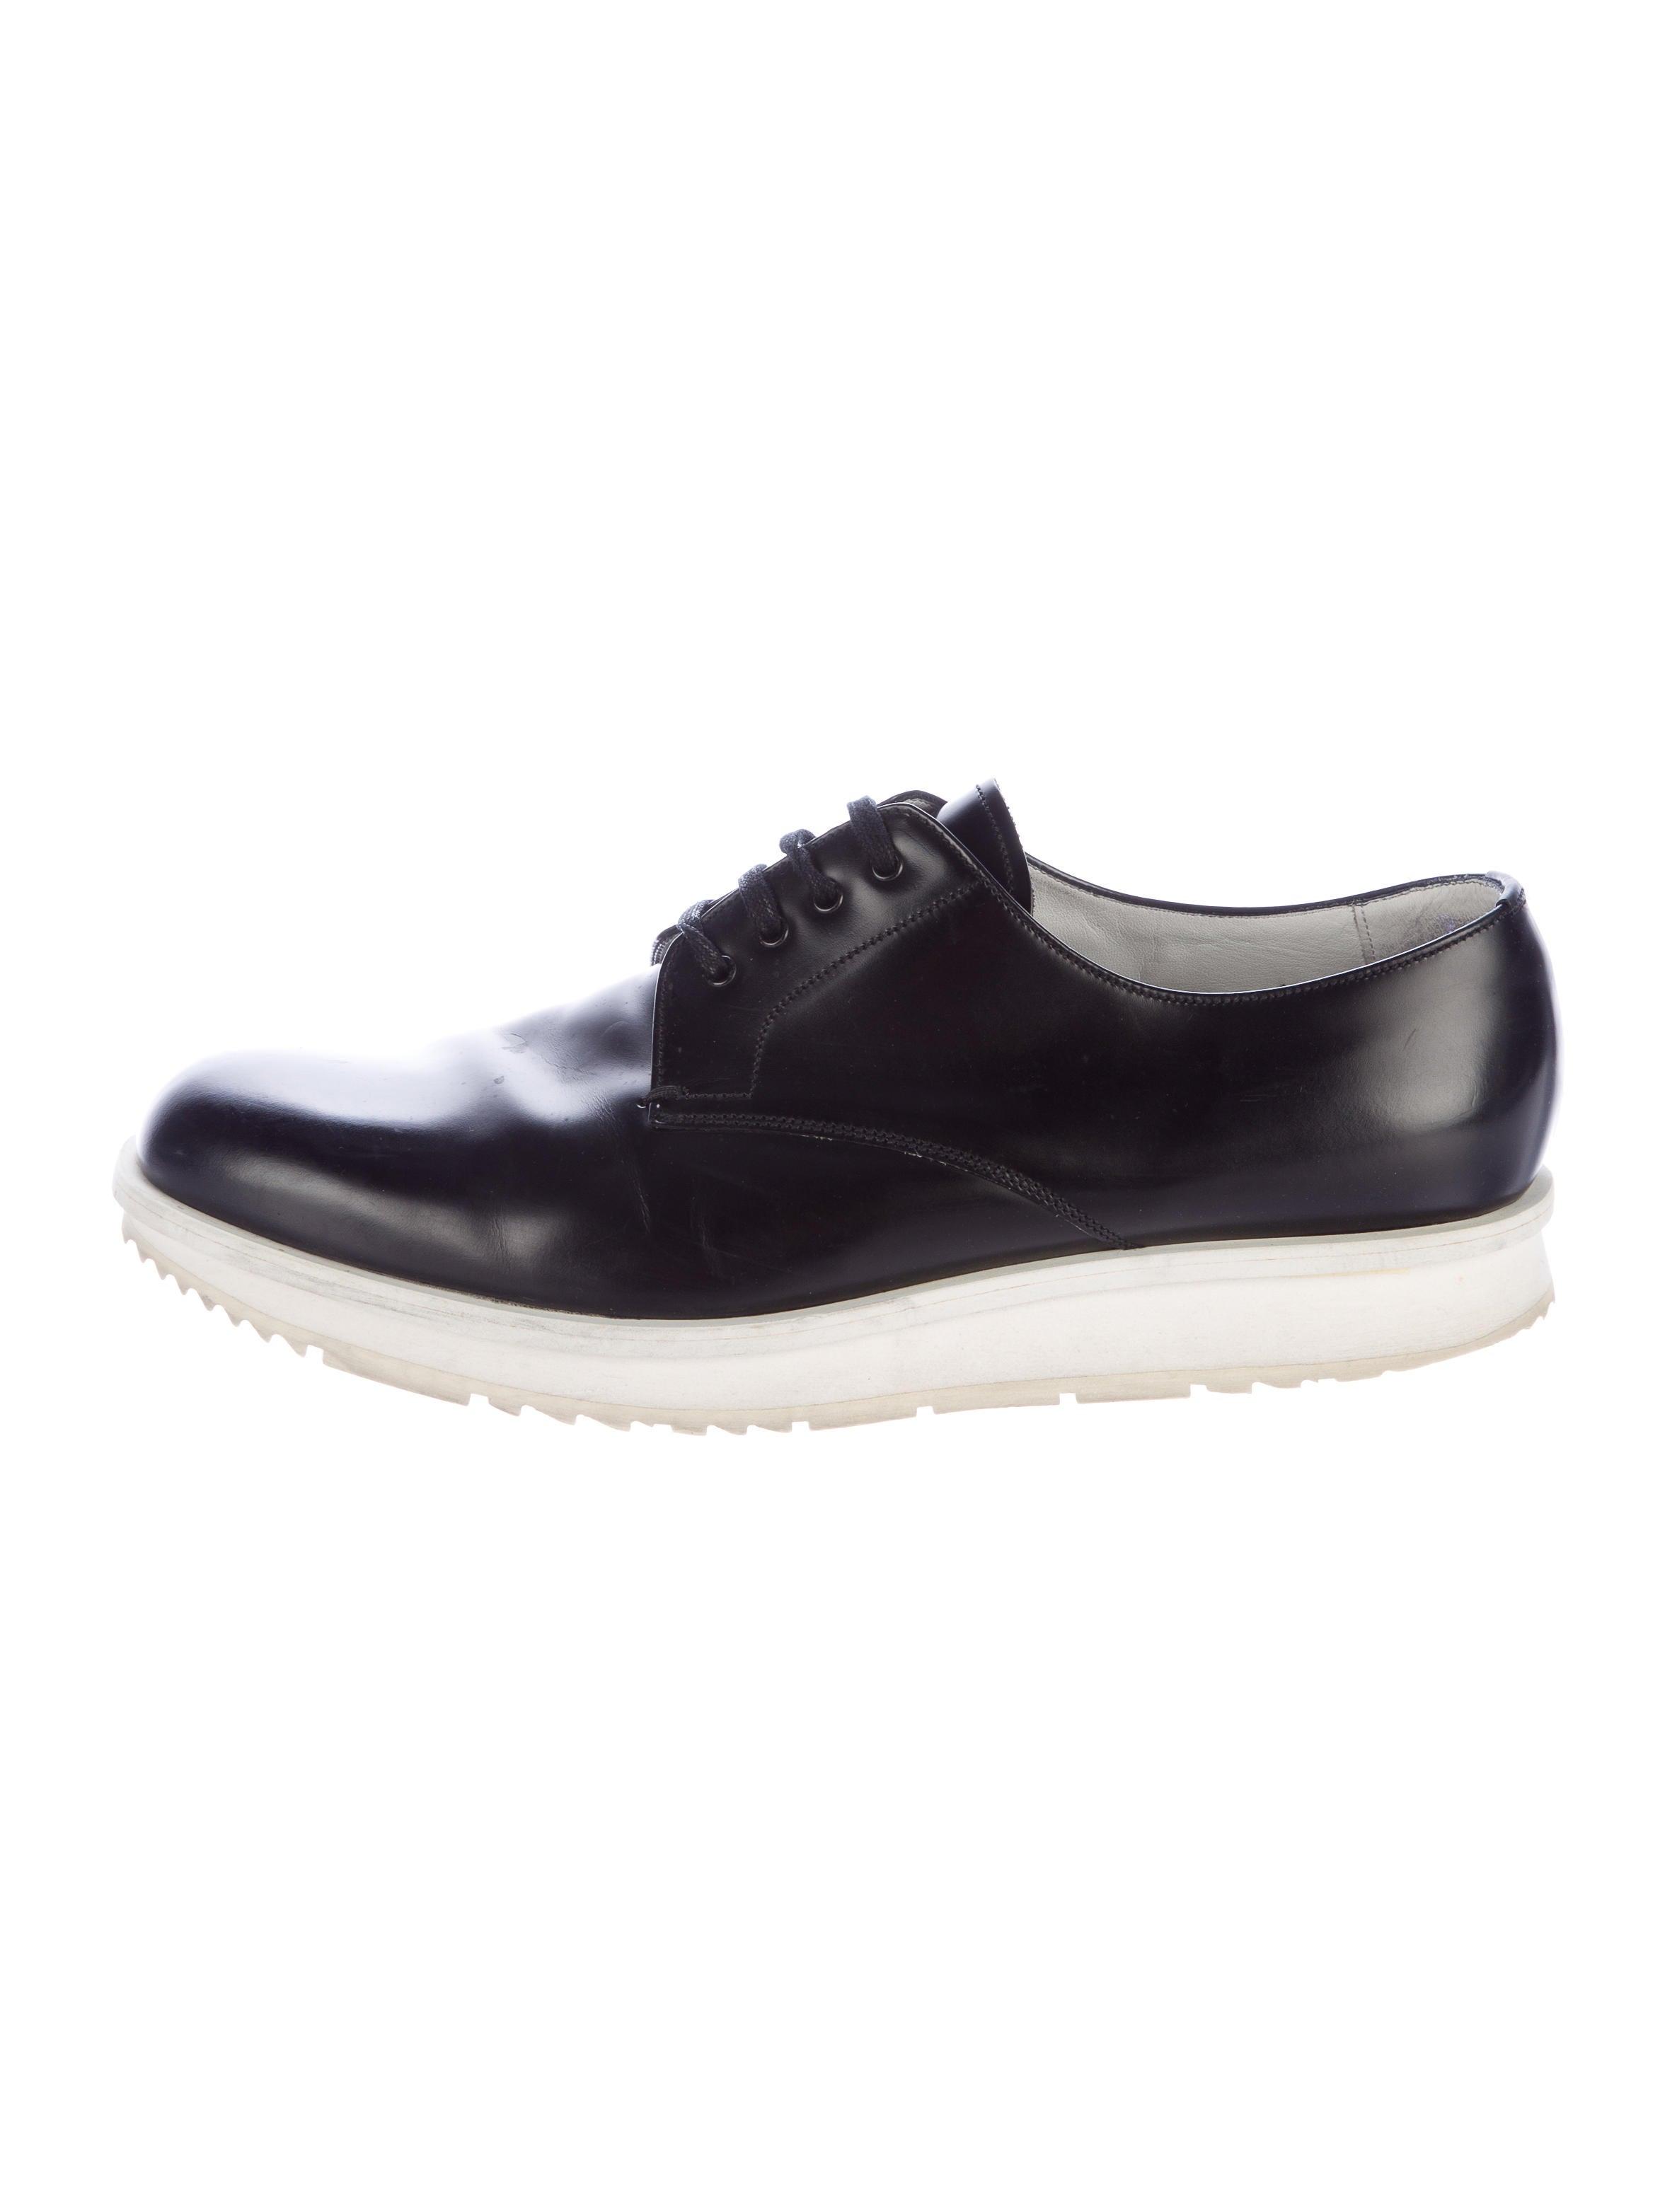 prada platform derby shoes shoes pra145058 the realreal